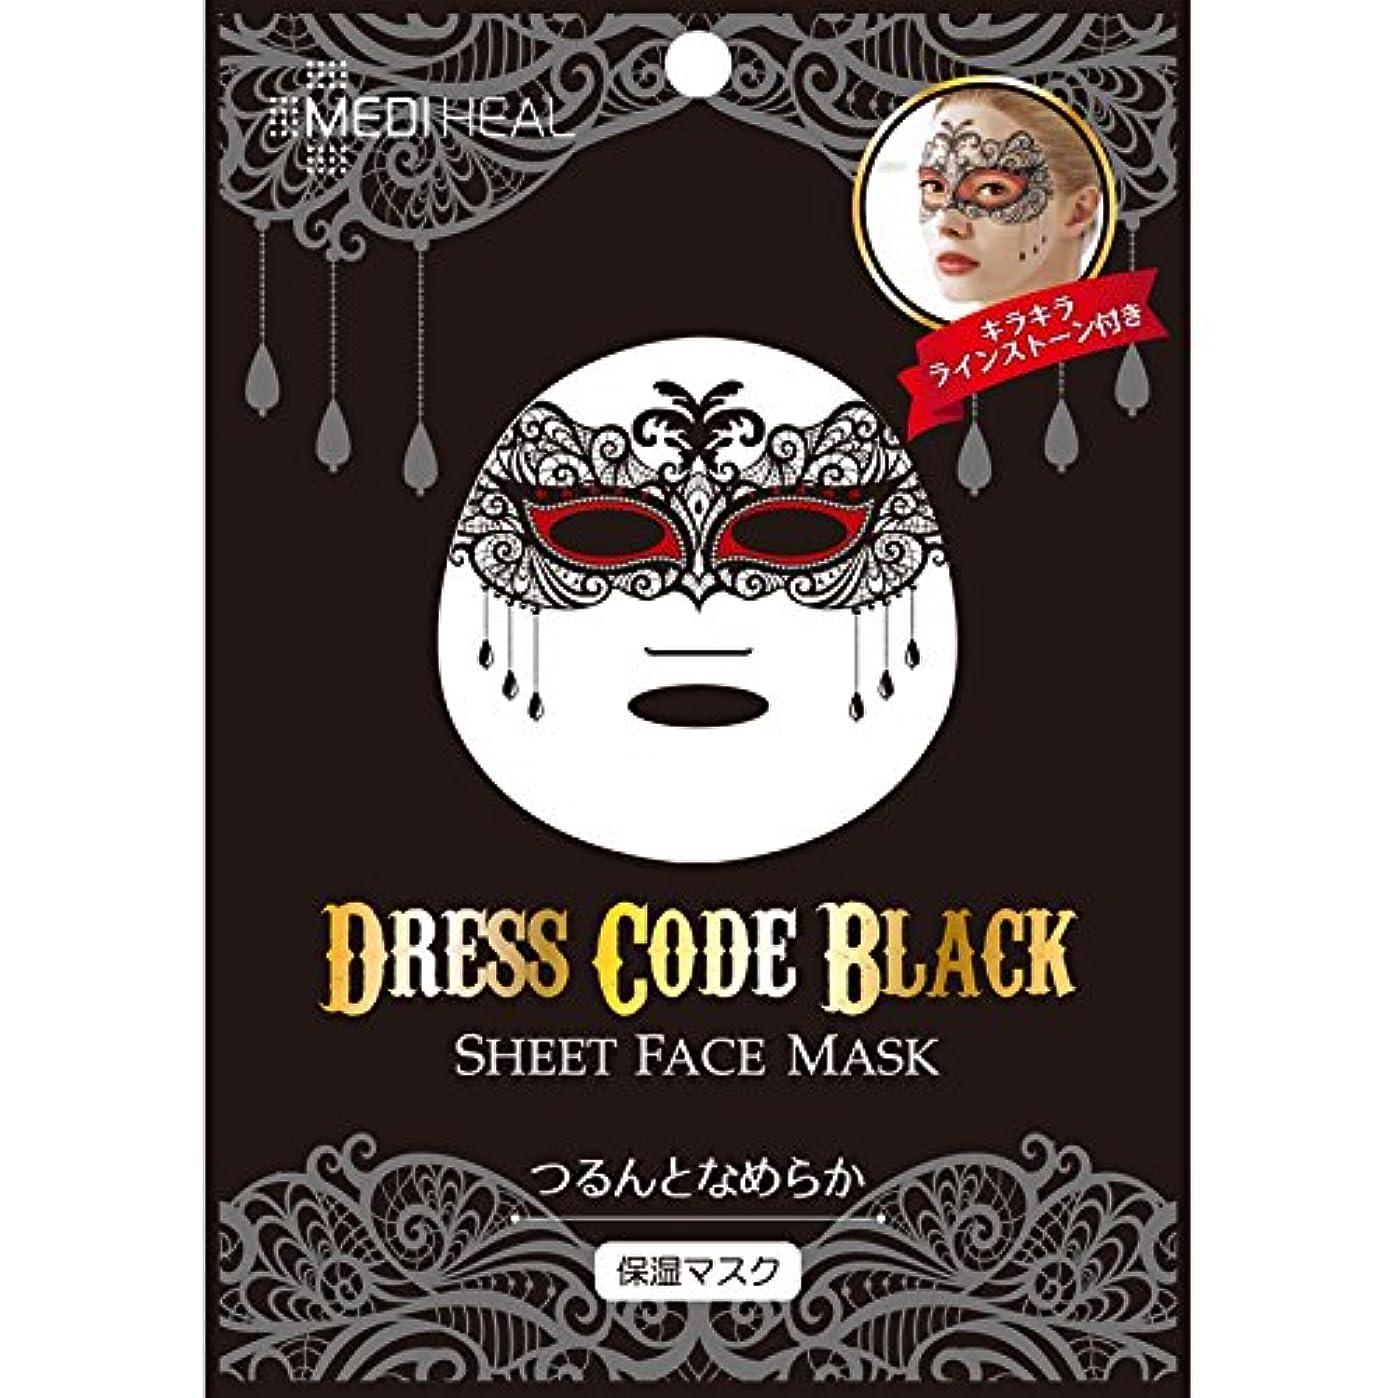 自慢周囲自分の力ですべてをするメディヒル フェイスマスク ドレスコードブラック (27ML/1シート)